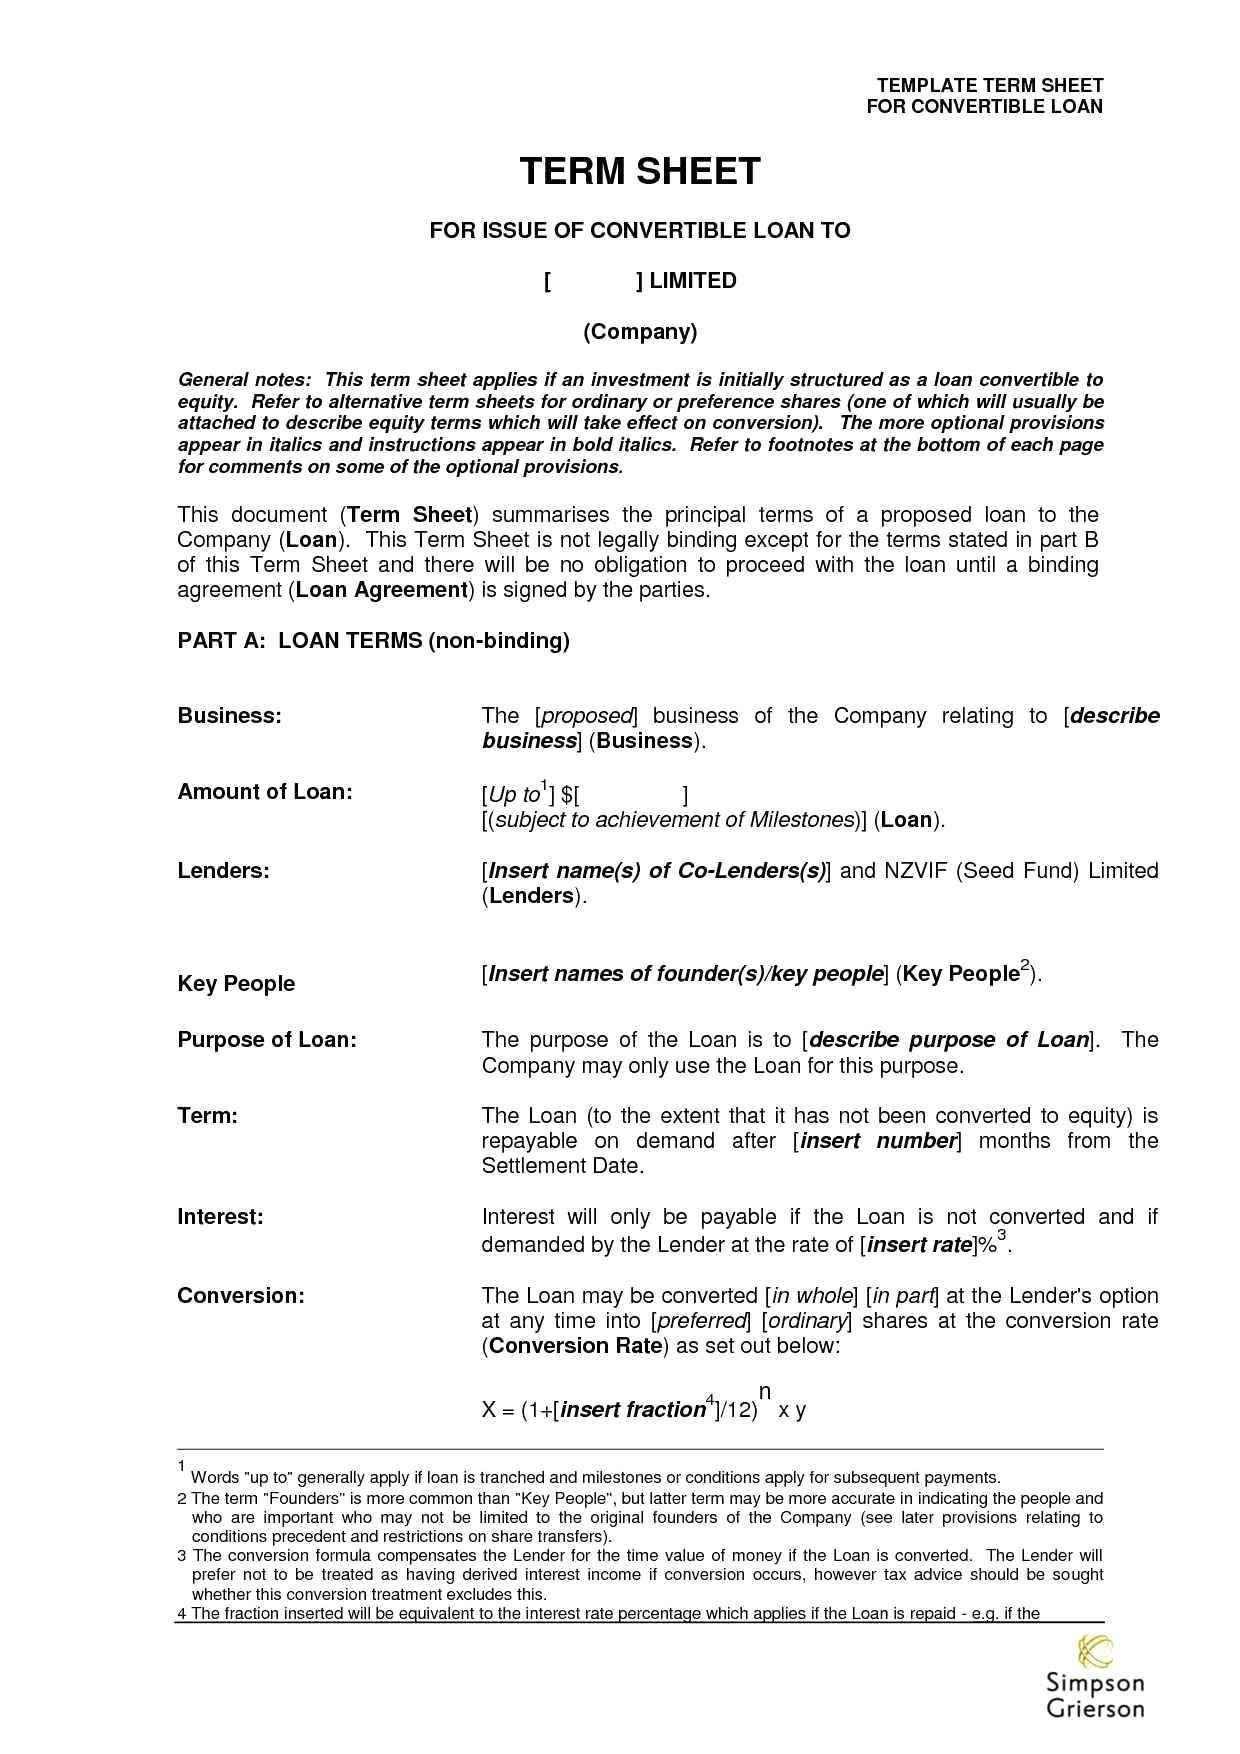 Angel Investor Agreement Template 101860 Template Term Sheet Template